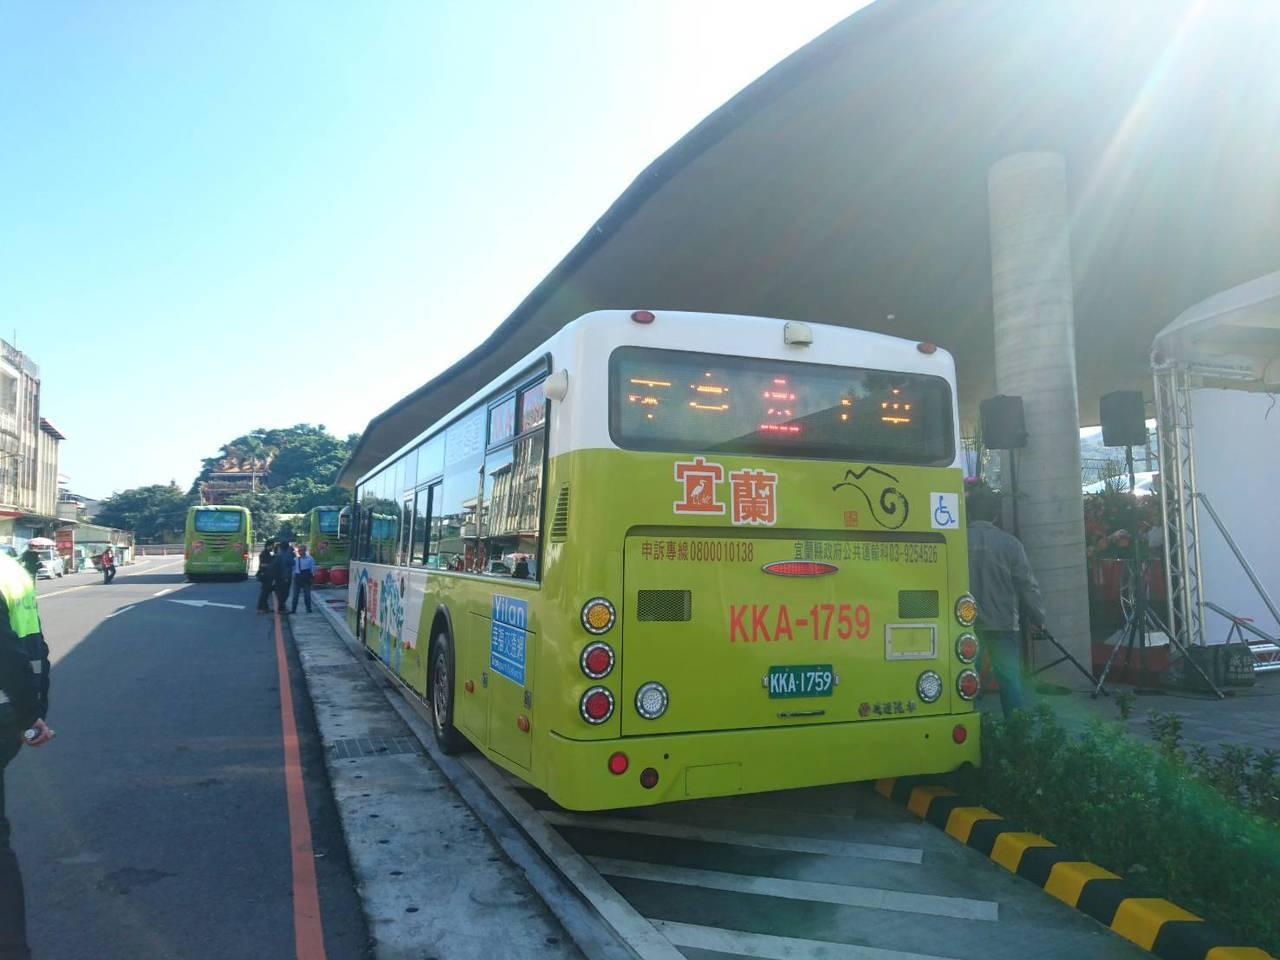 蘇澳轉運站今天啟用,往返台北與宜蘭間搭車旅遊更方便。記者羅建旺/攝影